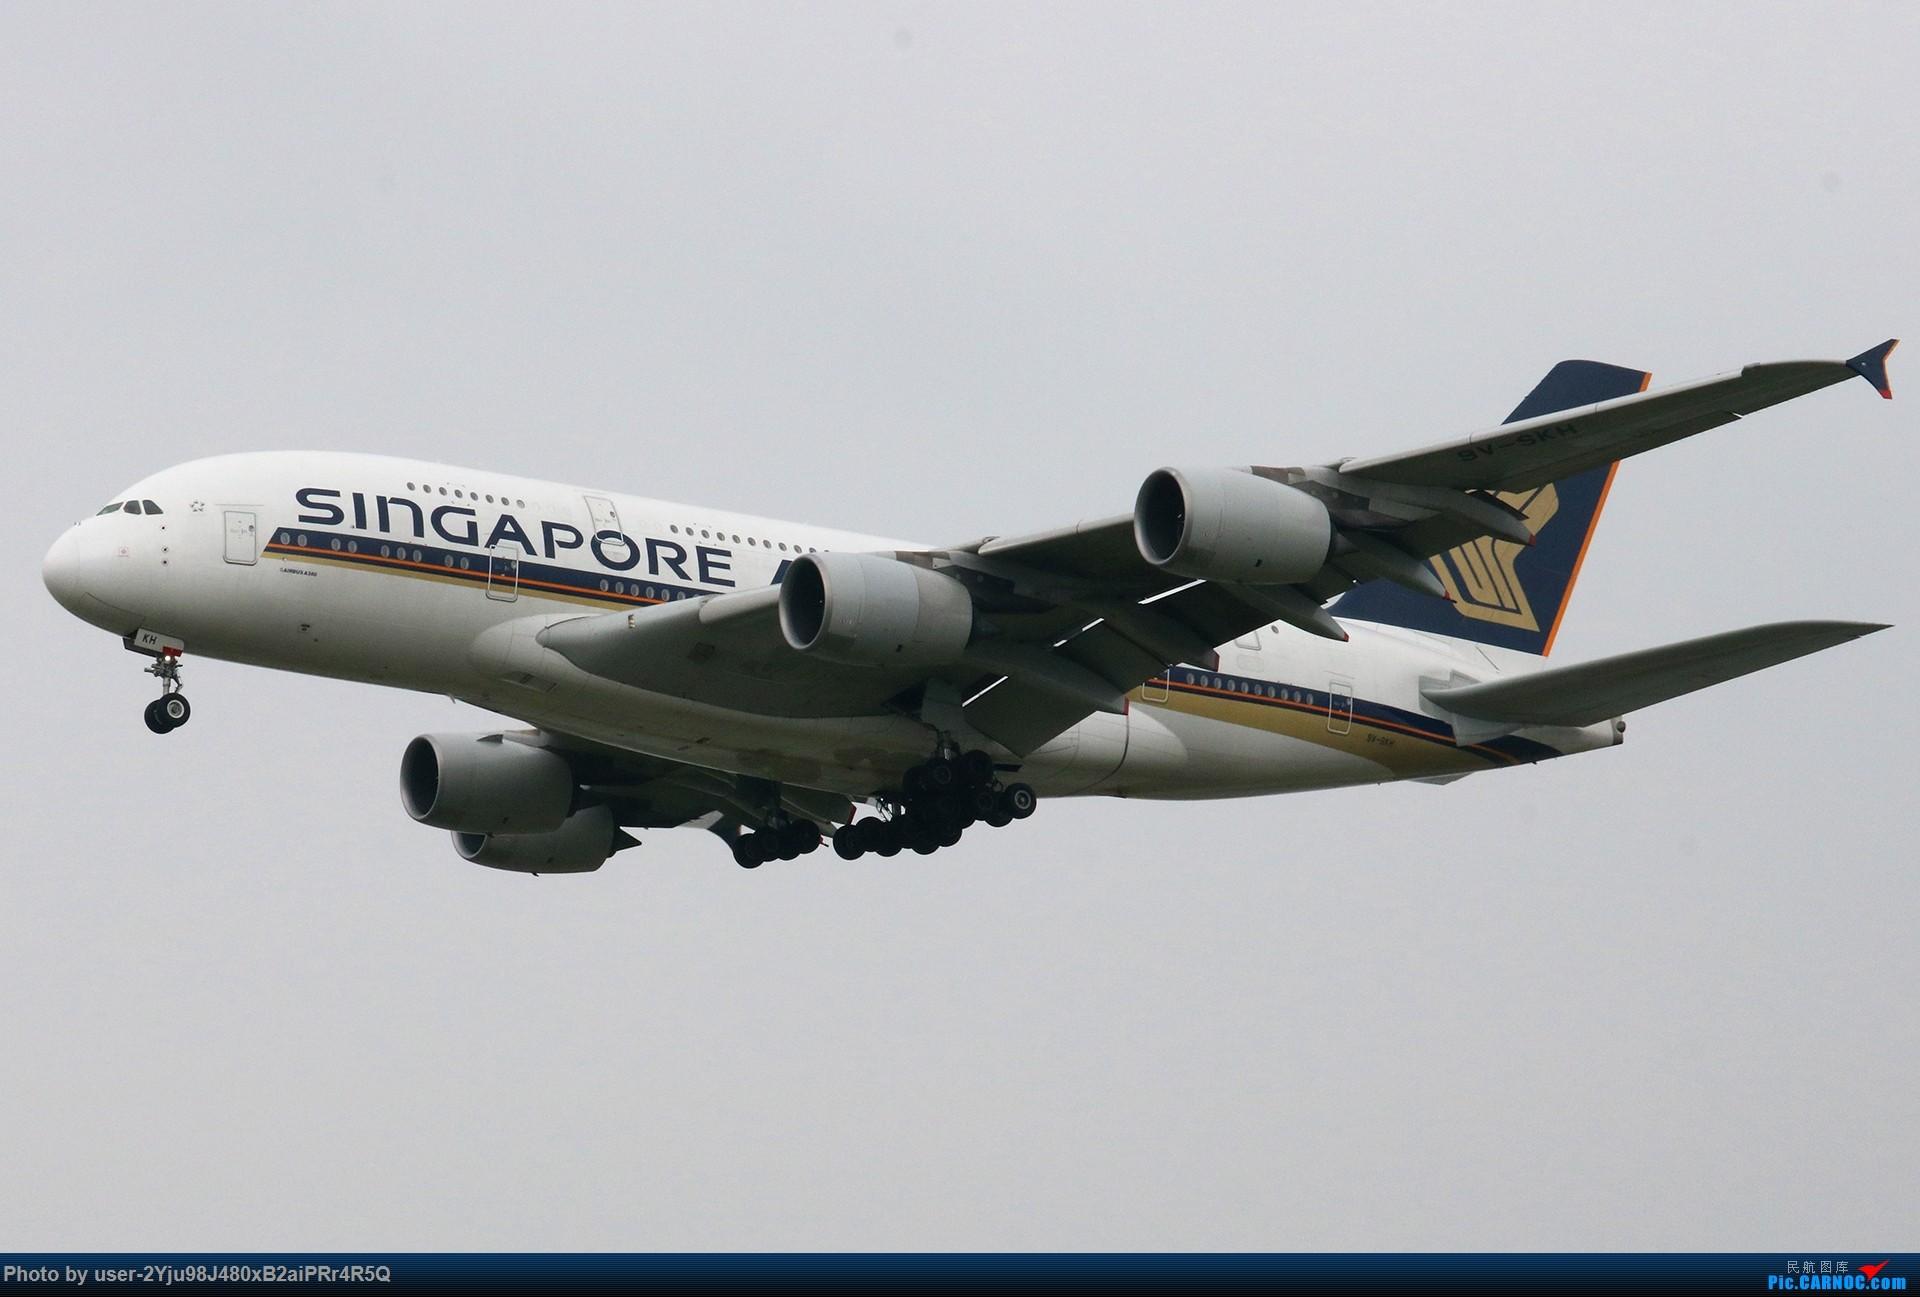 Re:[原创]PEK|01|36R|天空多灰,它们亦放亮 AIRBUS A380-800 9V-SKH